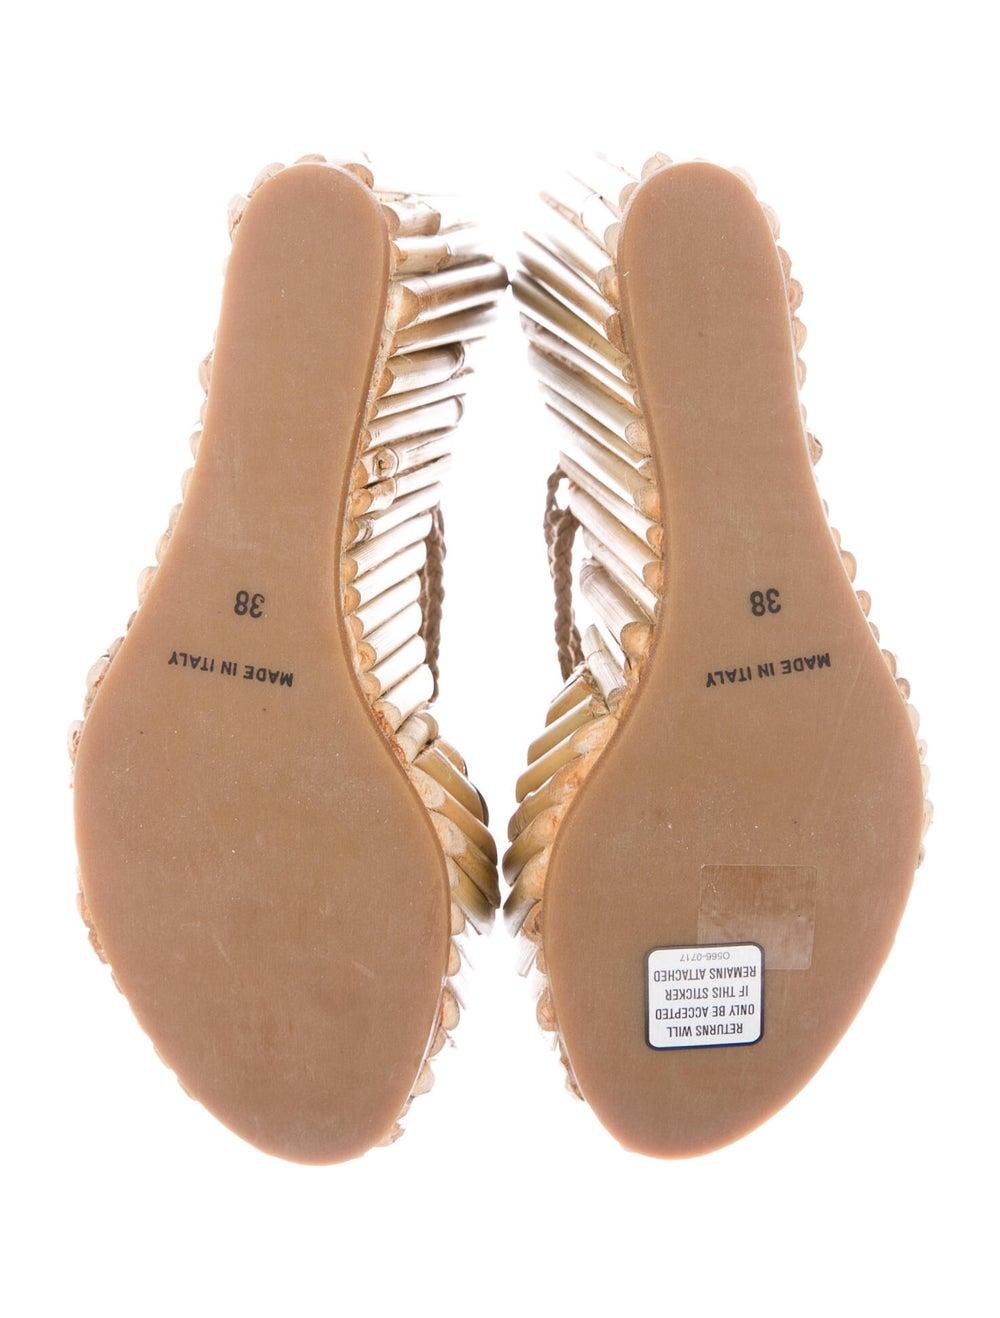 Alexander McQueen Sandals - image 5